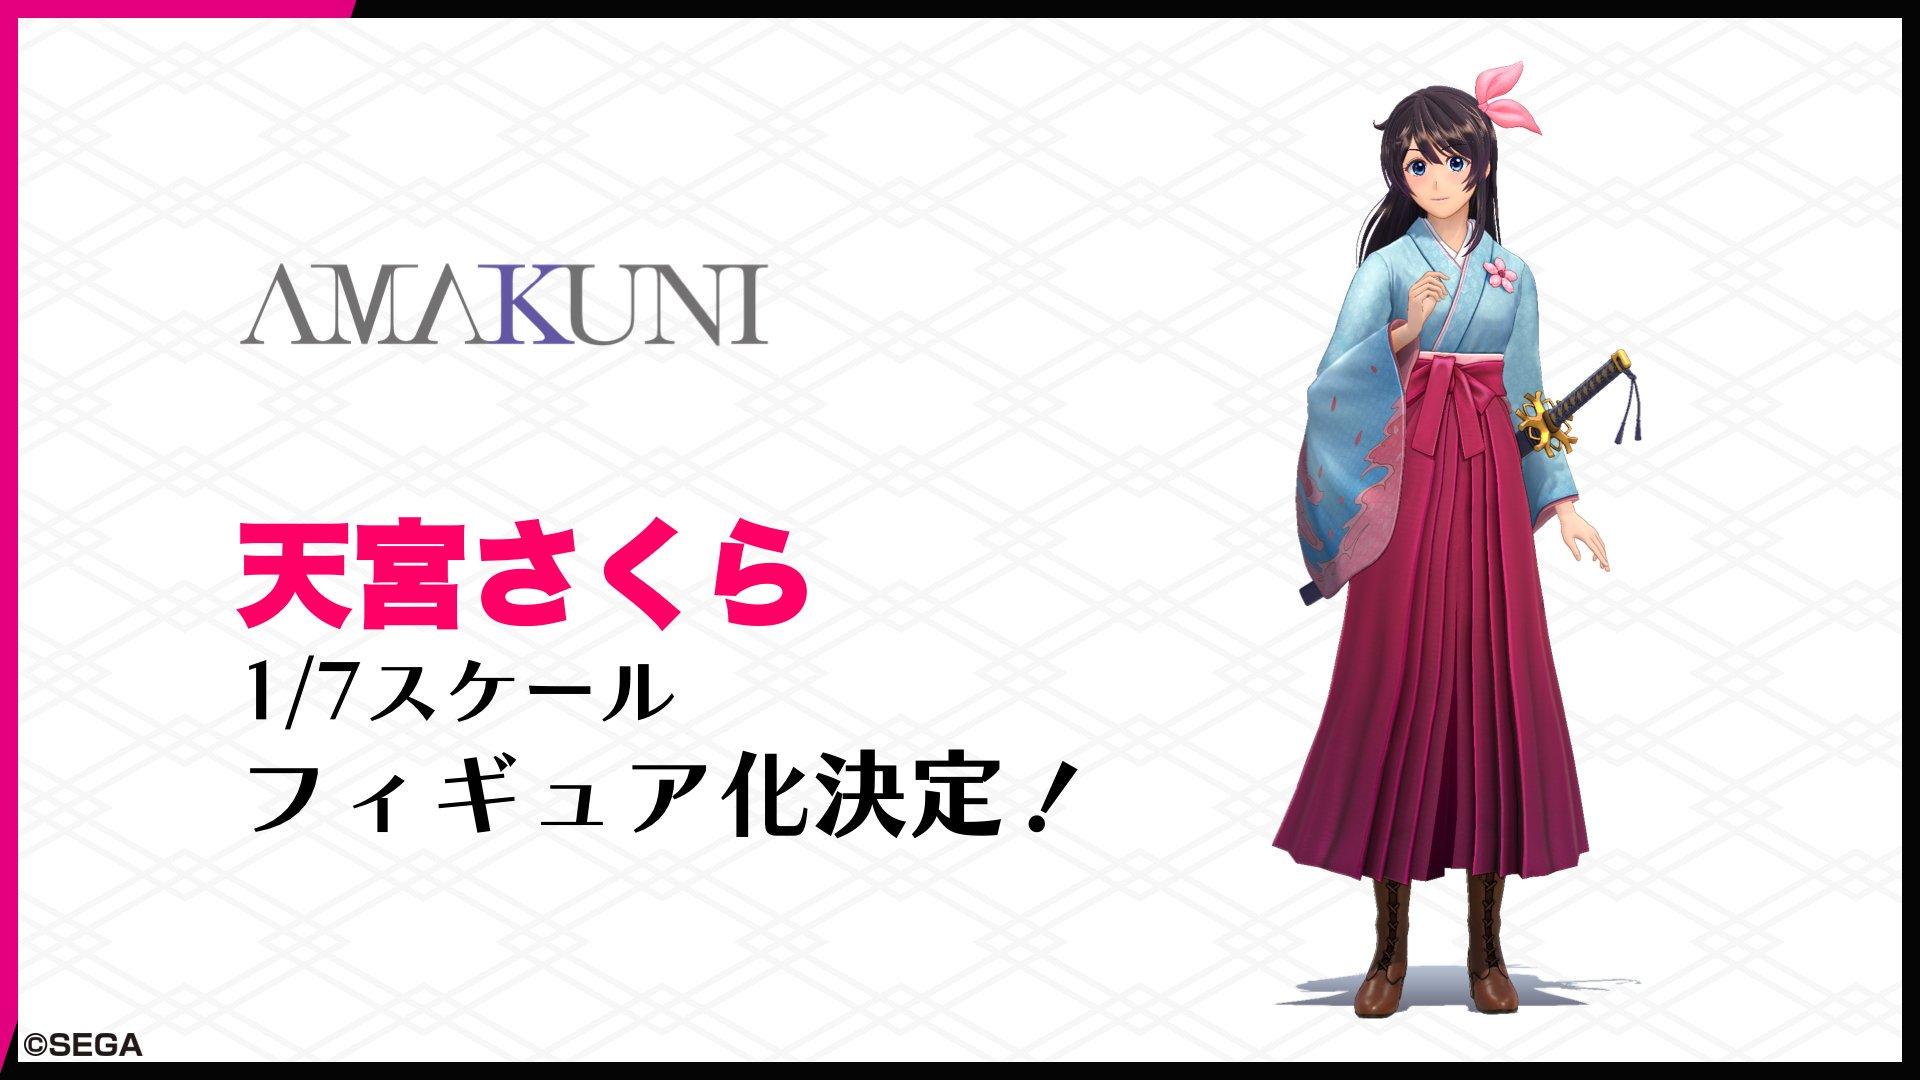 4 6 - 『新サクラ大戦』テレビアニメ化決定! 2020年に放送【TGS2019】